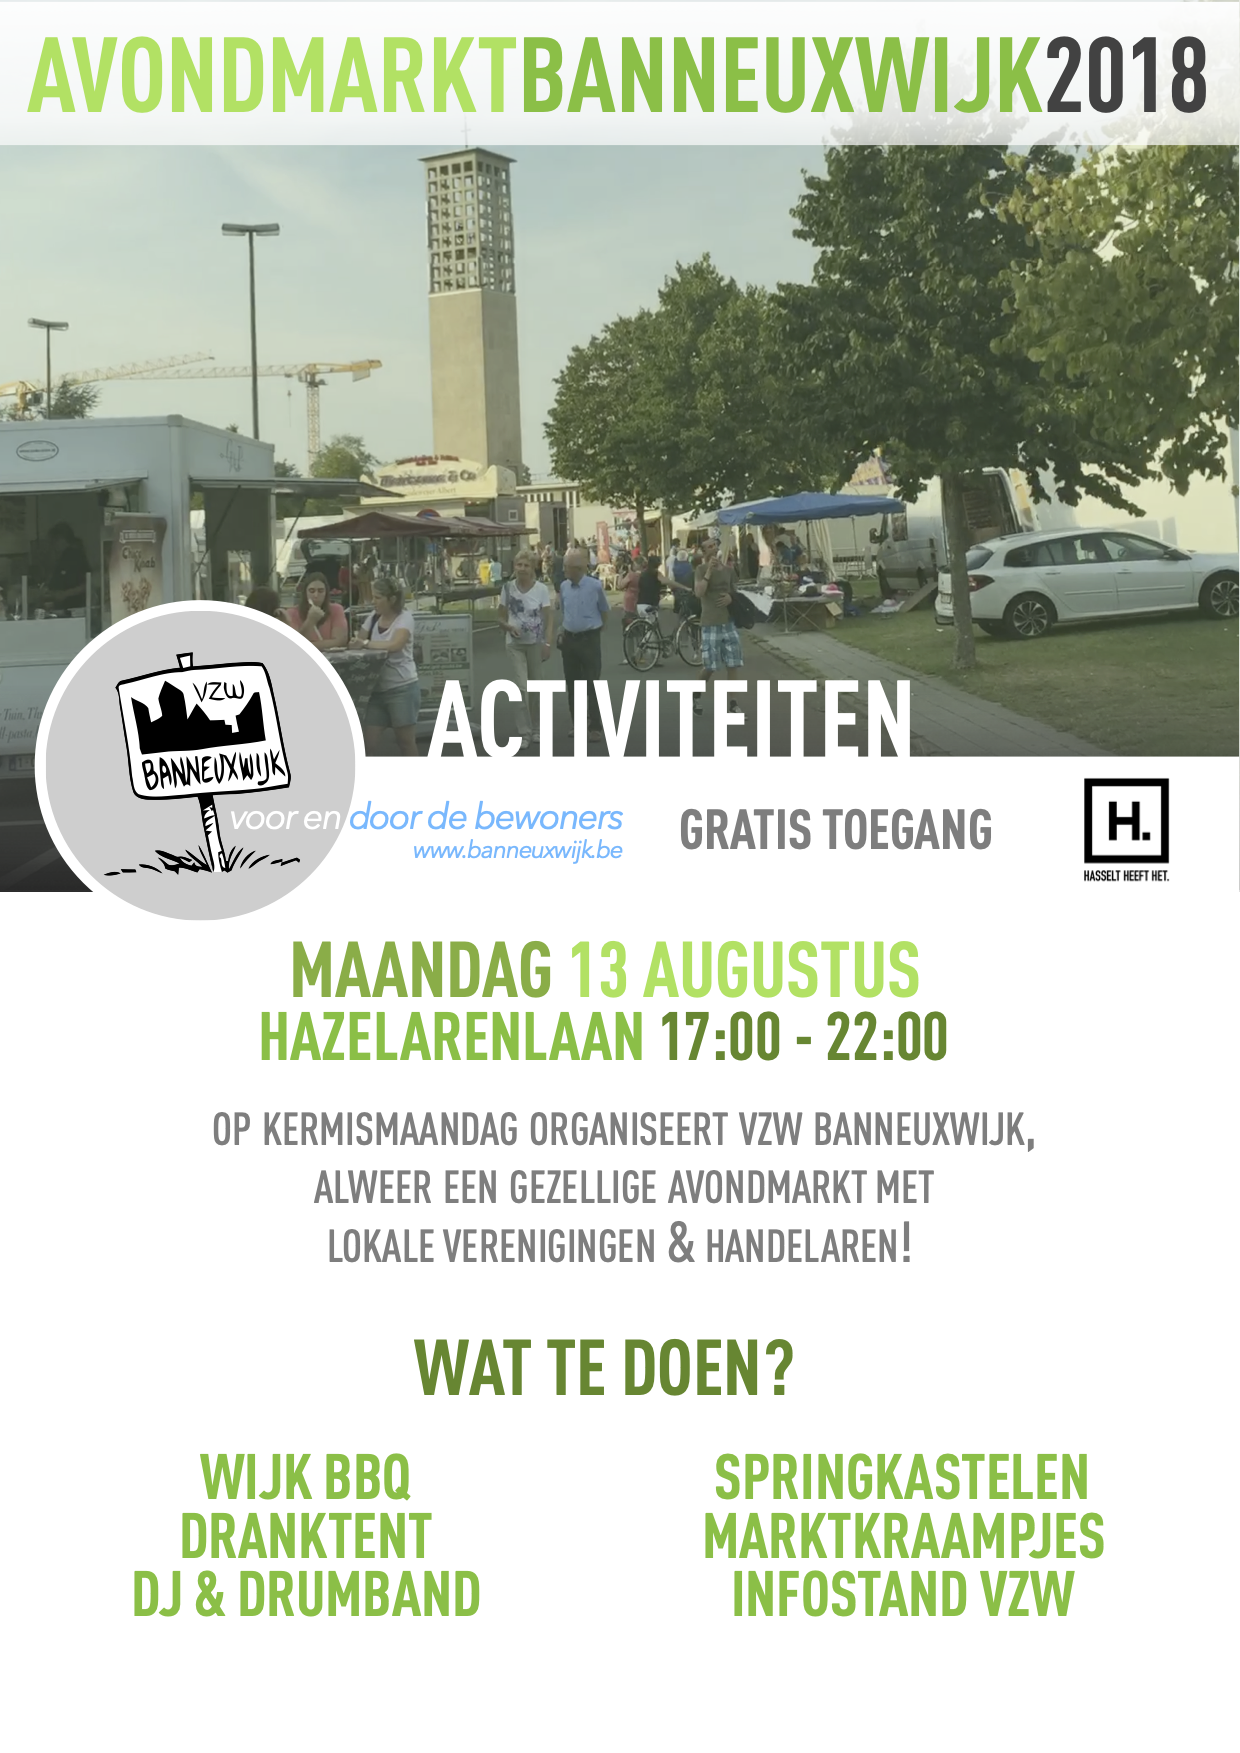 BNNX - Poster Avondmarkt 2018 A3 V2.1.png